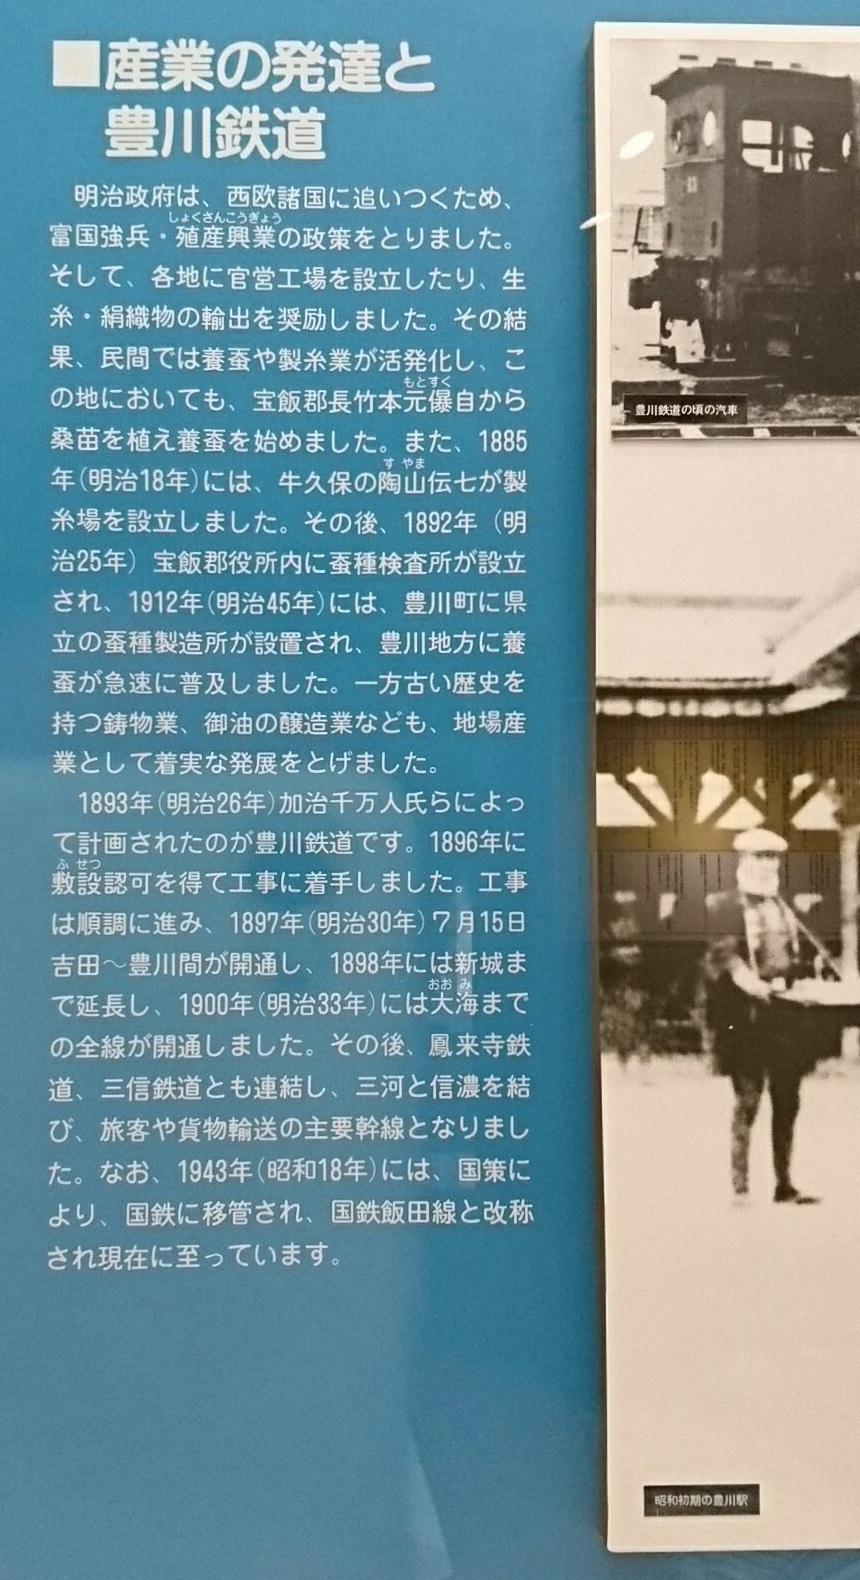 2017.8.30 豊川海軍工廠展 (24) 産業の発達と豊川鉄道 860-1580